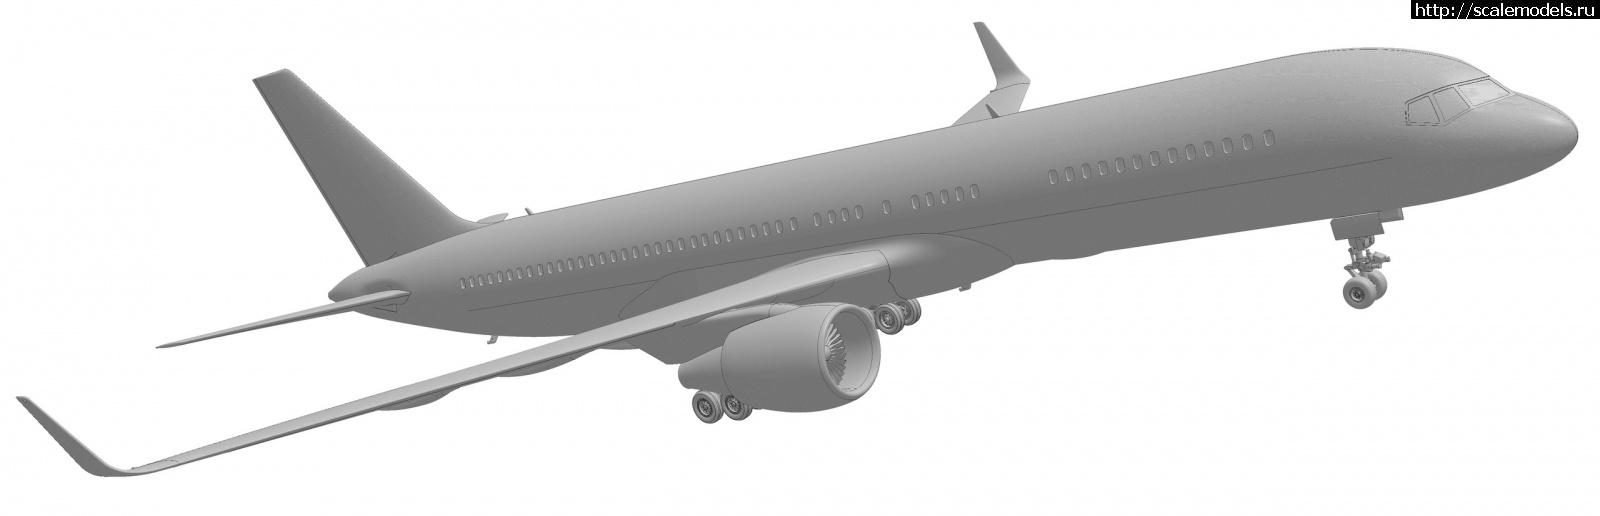 Анонс Звезда 1/144 Boeing 757-200 - 3D-рендеры Закрыть окно